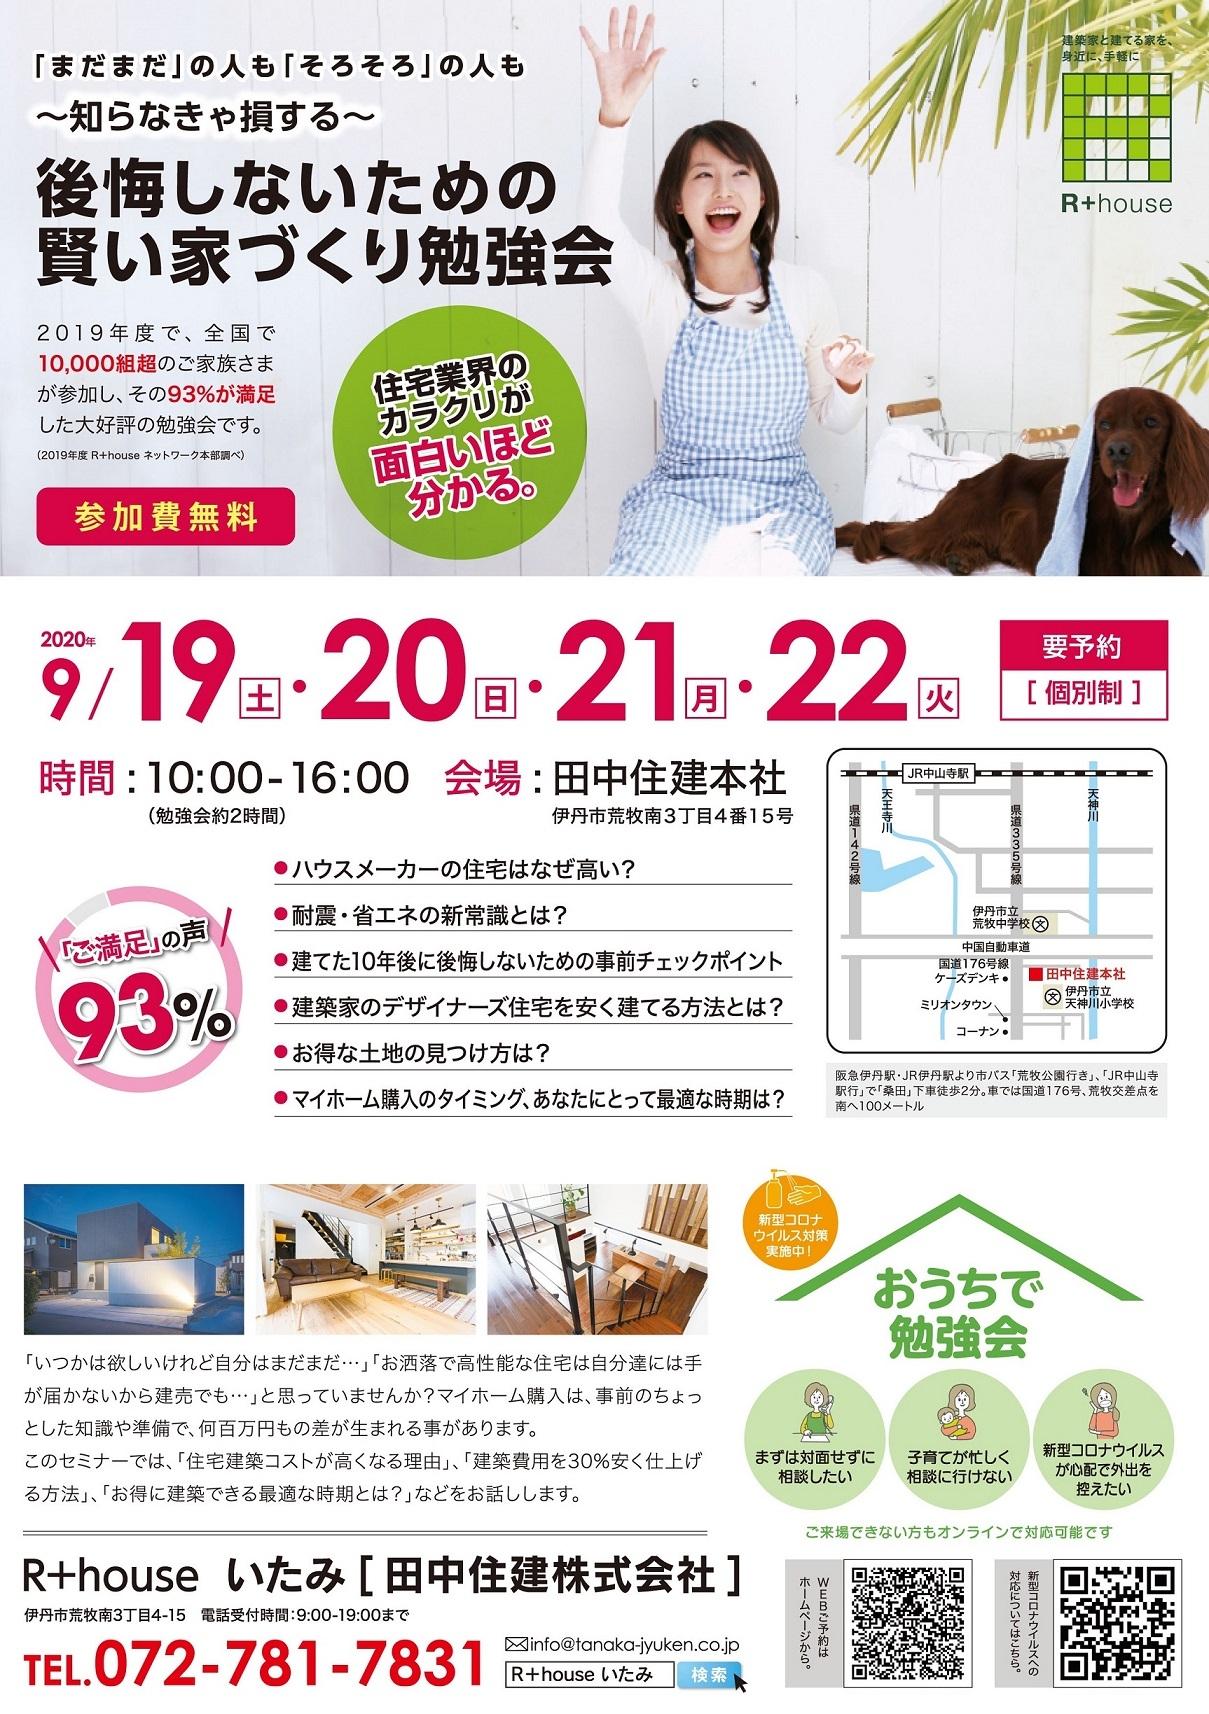 セミナー本社_A4巻三 (002) - コピー.jpg